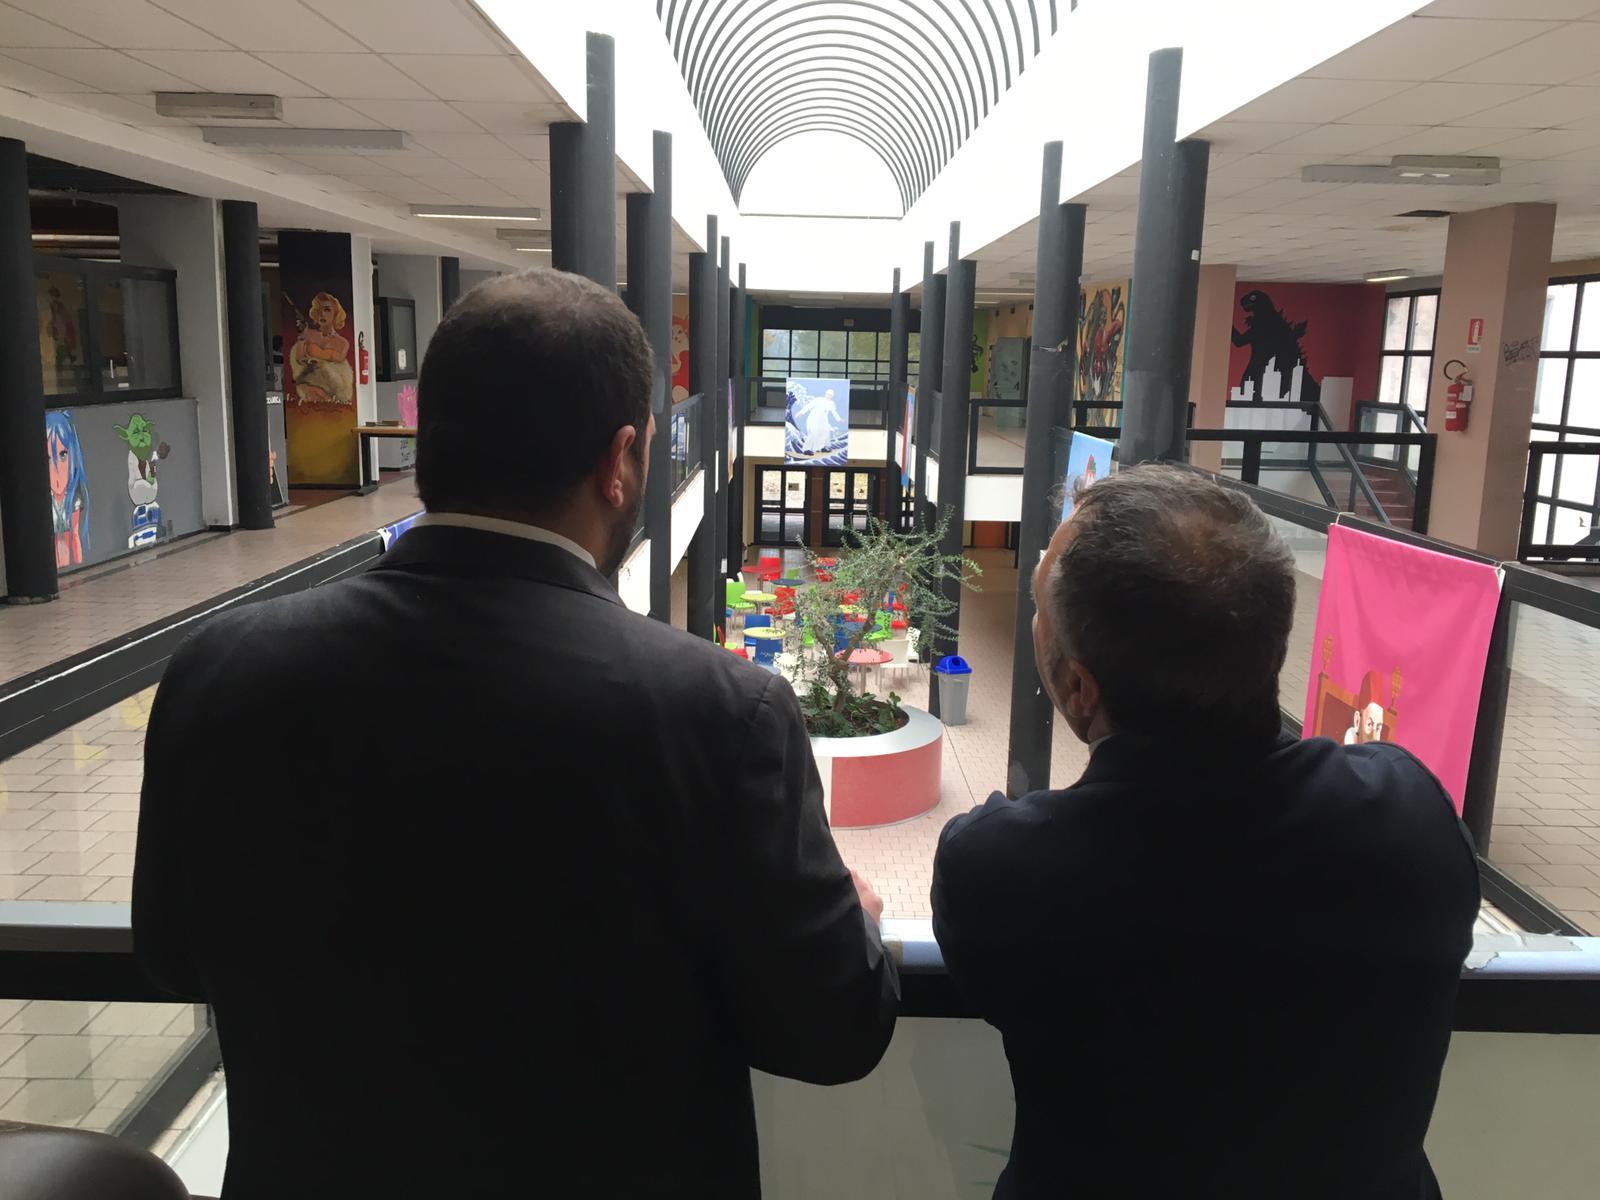 Istituto Itsos Milano, la forza dei ragazzi, in una struttura non adeguata